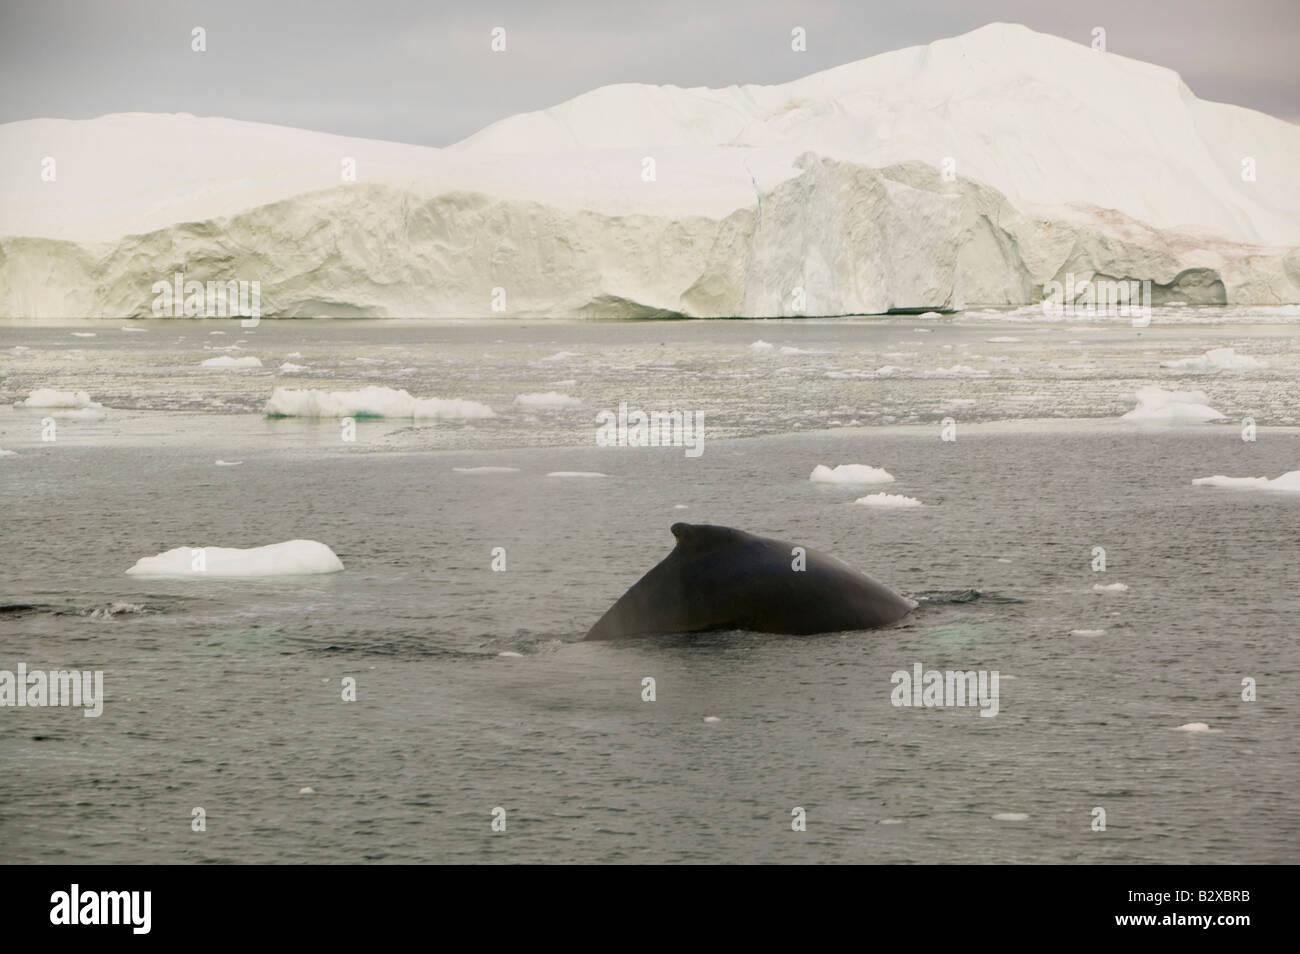 Rorcuales asfaltado entre témpanos de hielo del glaciar Jacobshavn en Ilulissat en Groenlandia Foto de stock